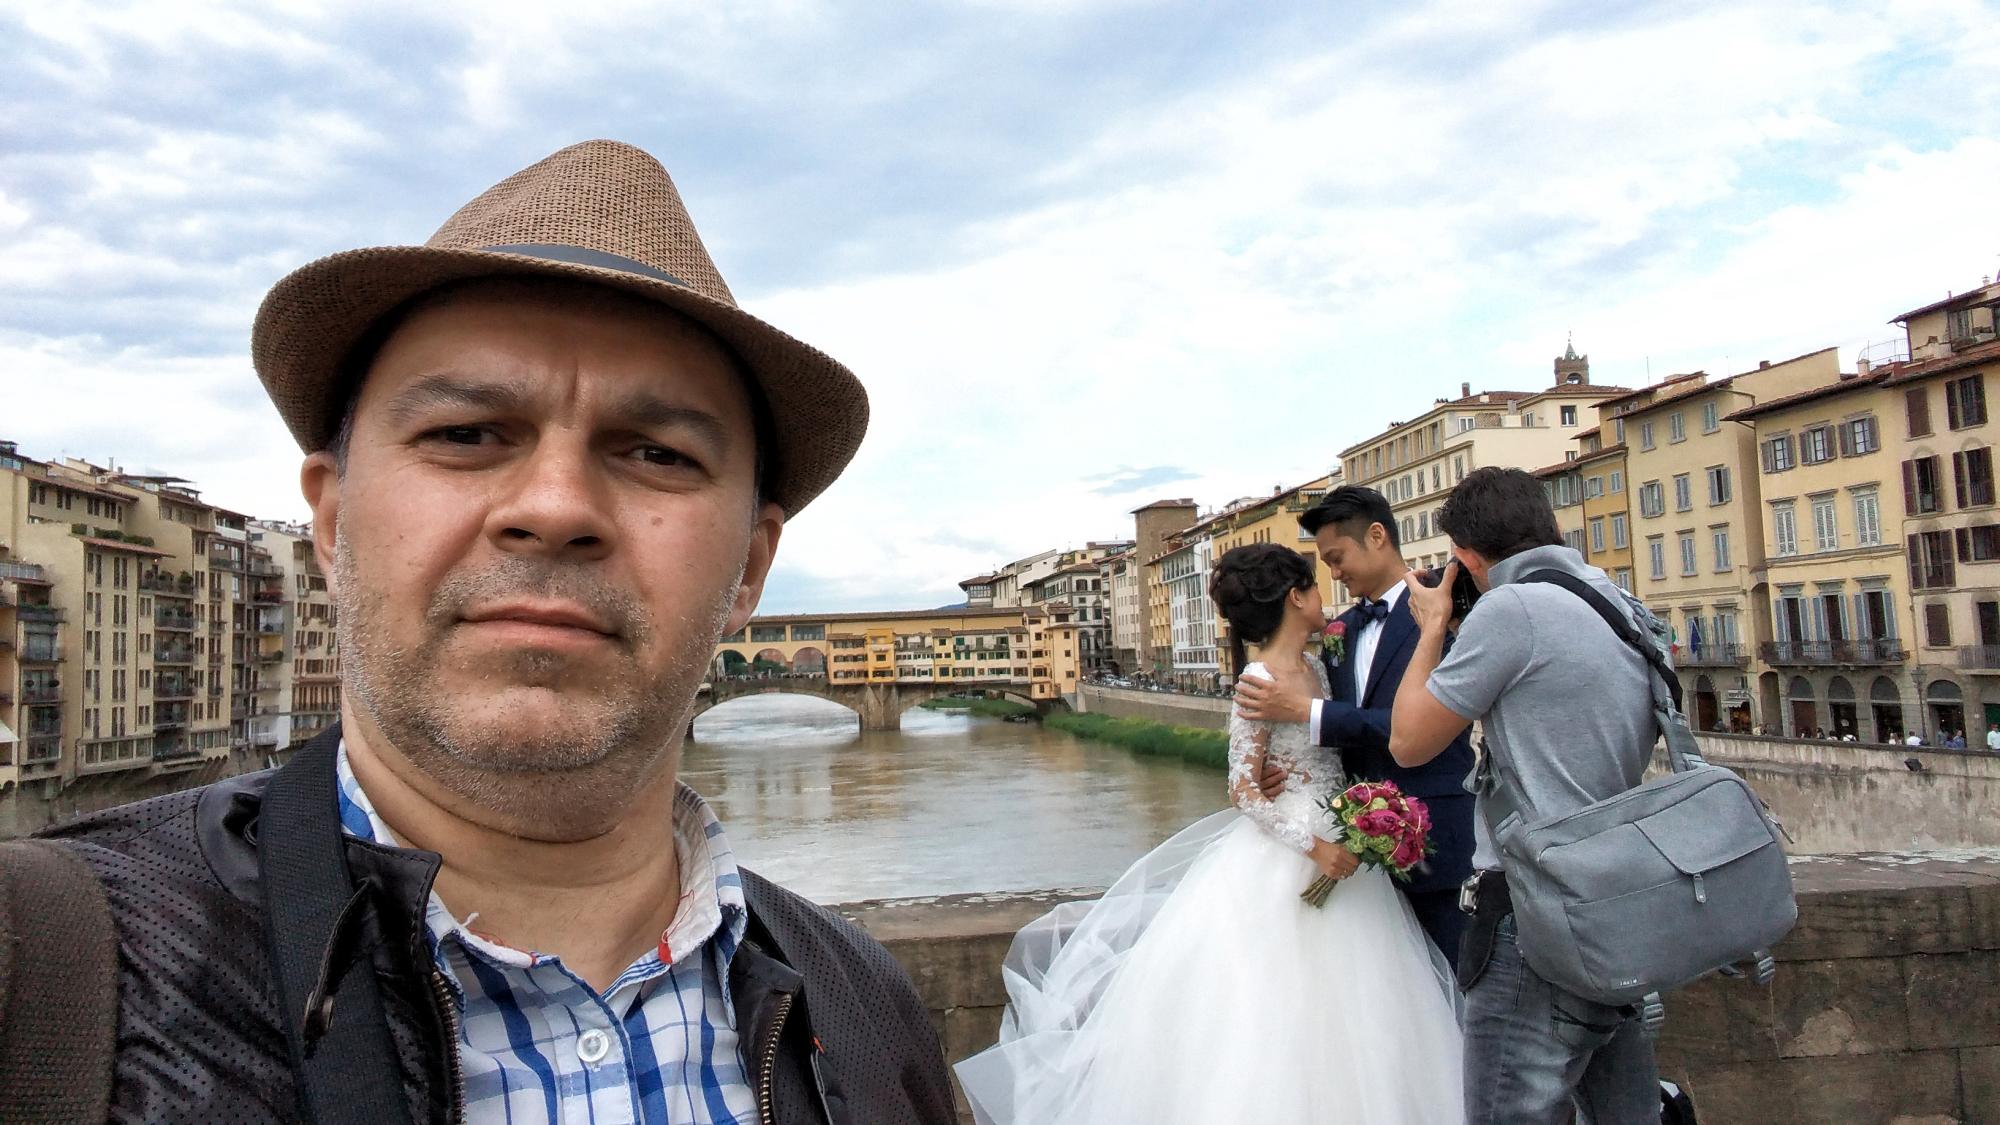 LG G5 LG G5 на разходка в Тоскана А1 Блог